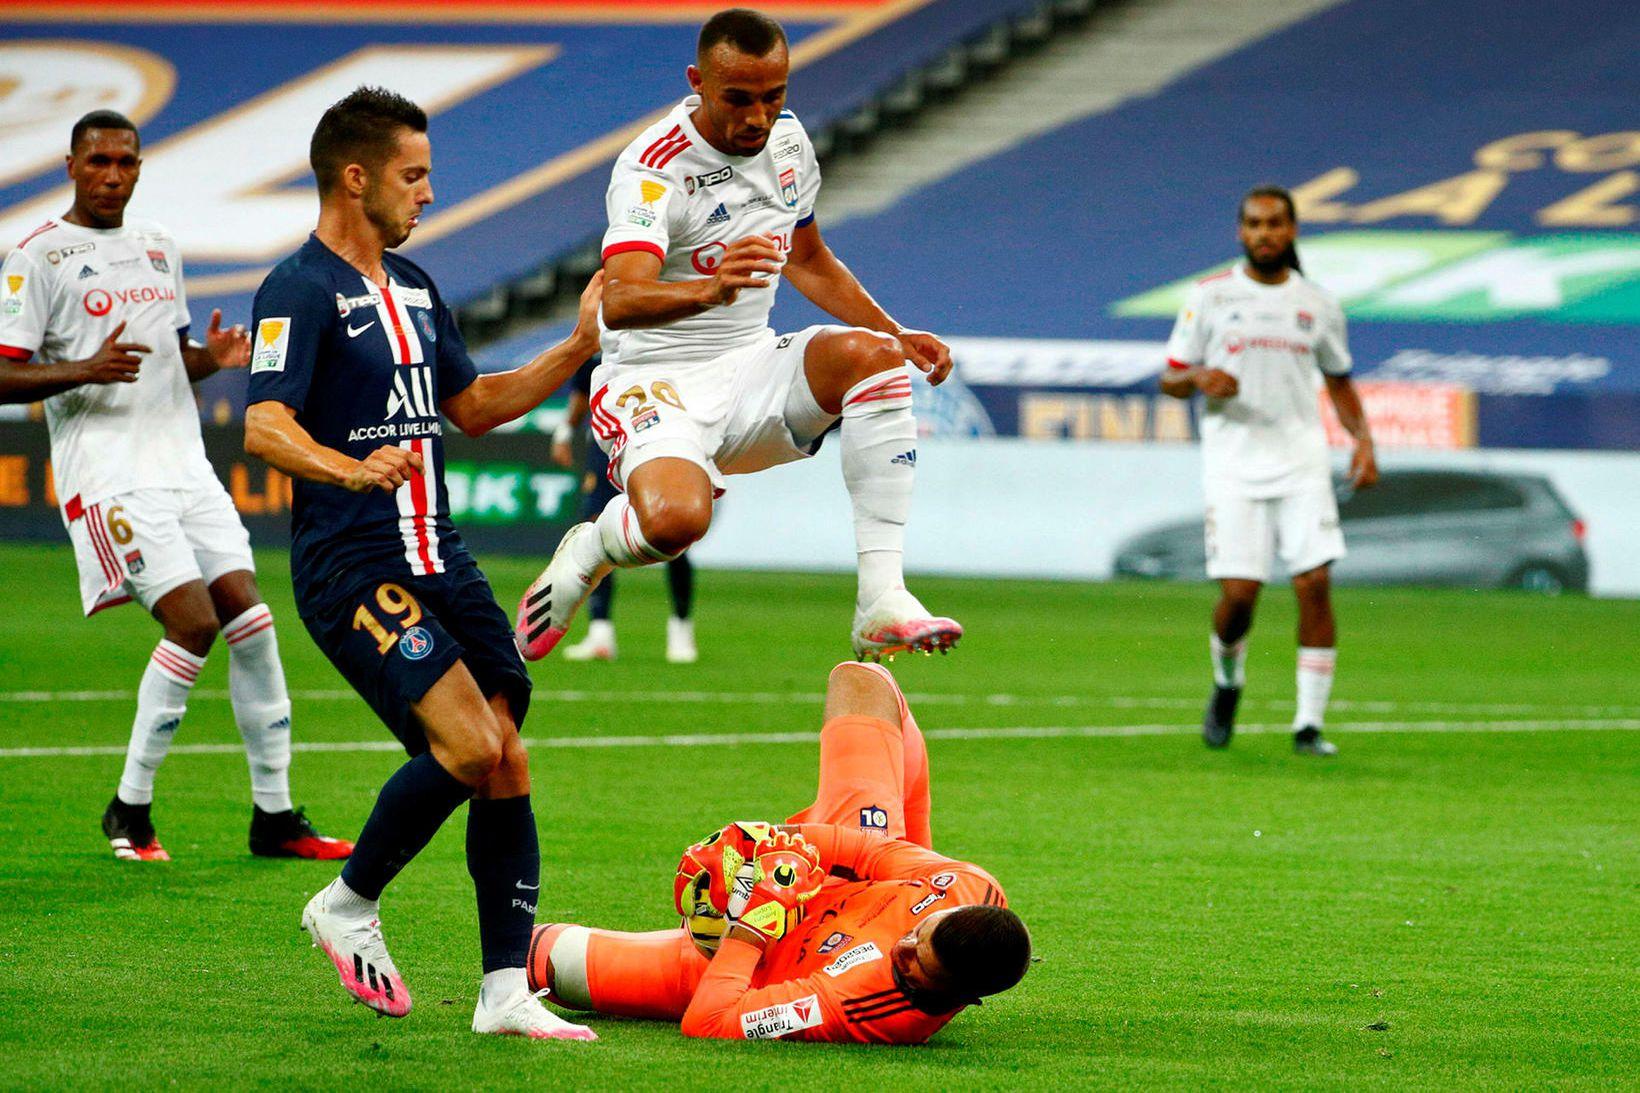 PSG er deildabikarmeistari eftir sigur á Lyon.